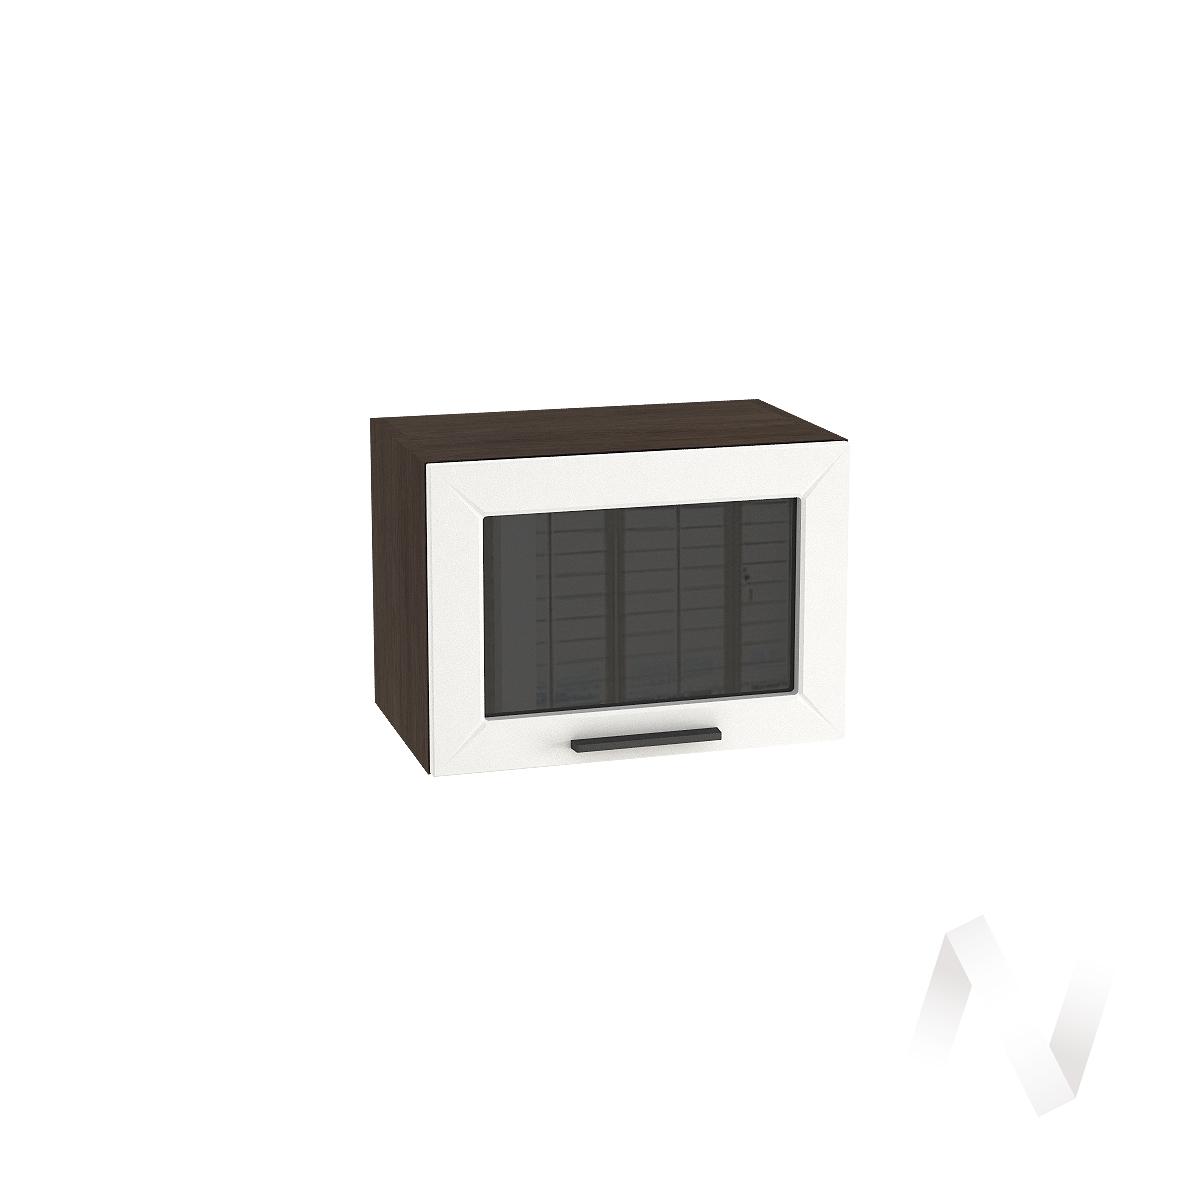 """Кухня """"Глетчер"""": Шкаф верхний горизонтальный со стеклом 500, ШВГС 500 (Айленд силк/корпус венге)"""